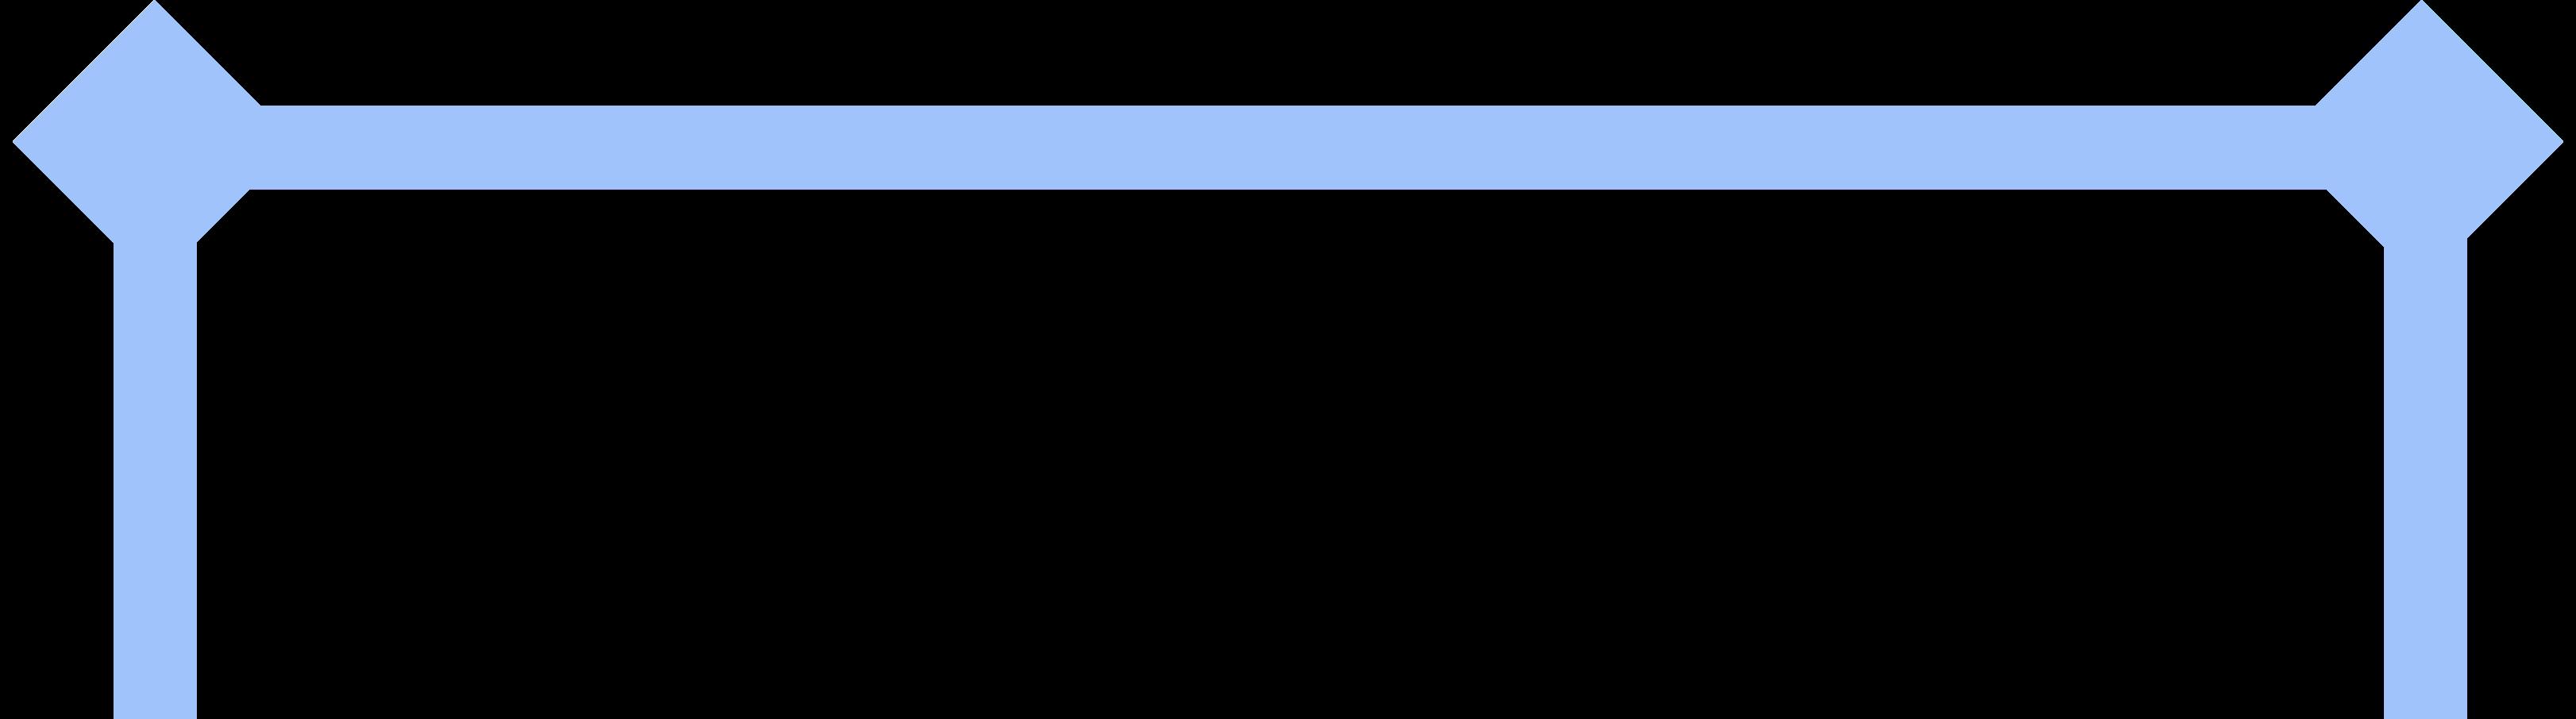 test-tube base Clipart illustration in PNG, SVG